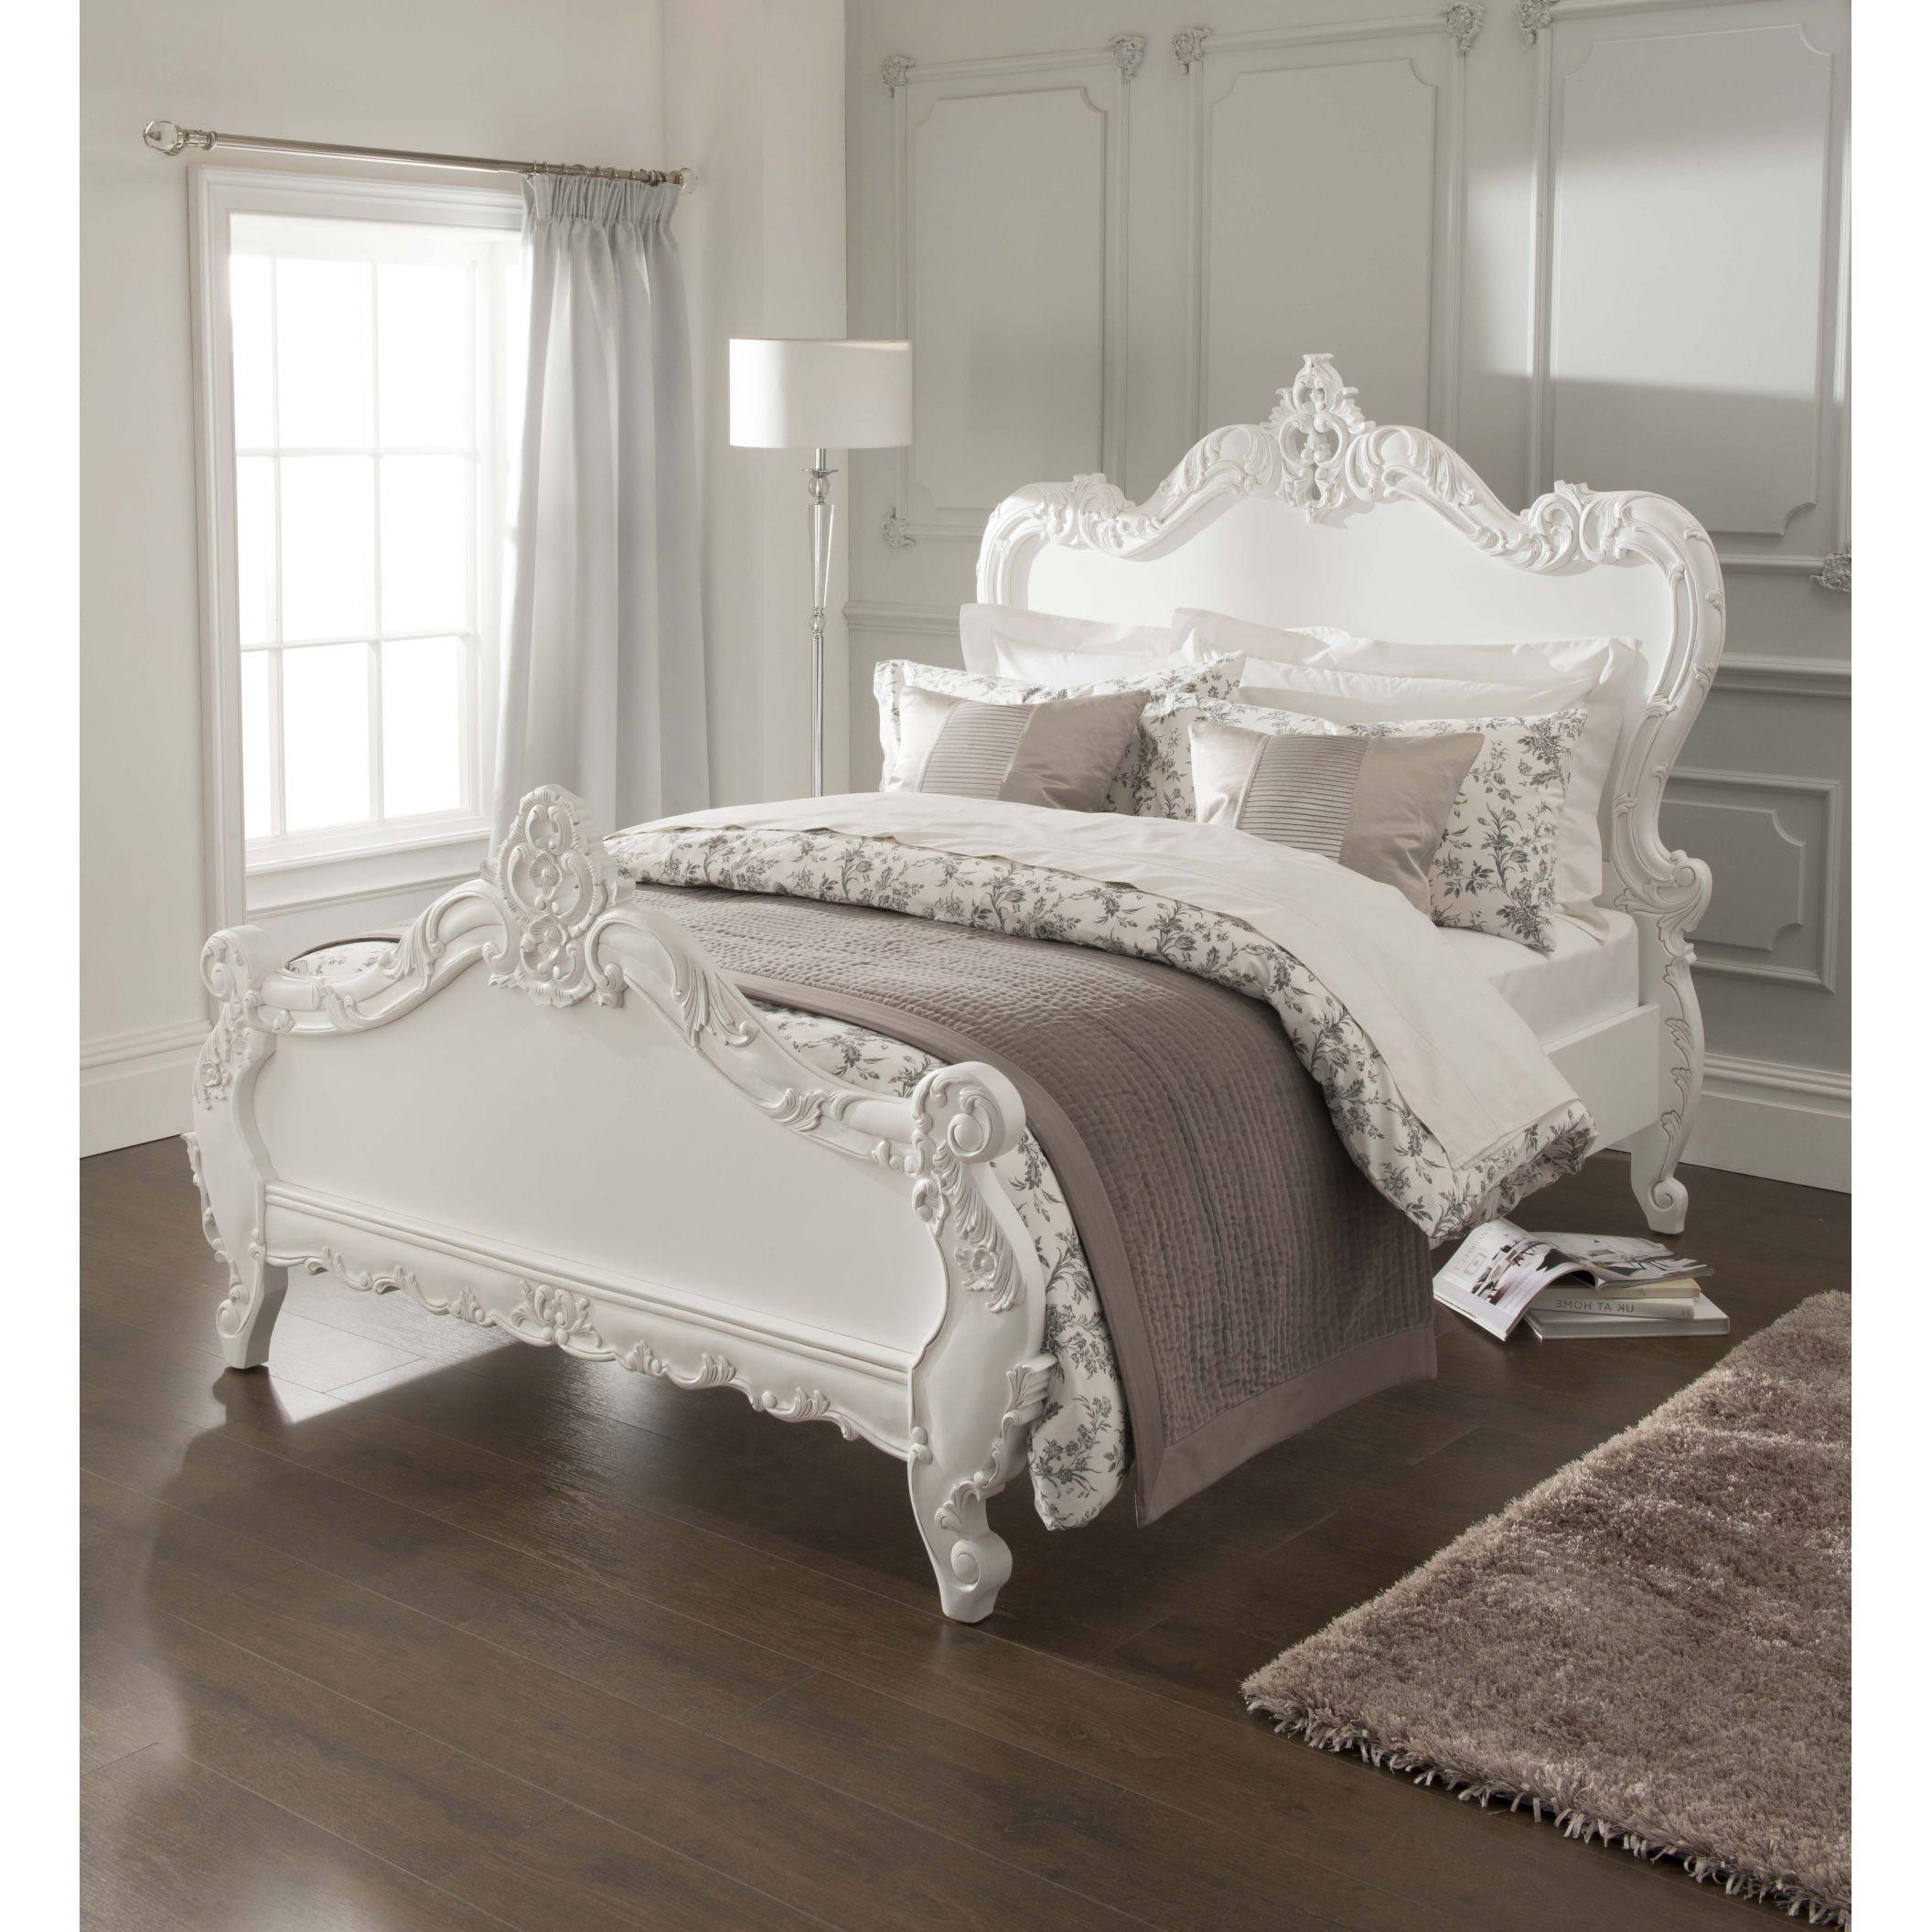 Luxury French Provincial Furniture Bedroom Set Uk – grupoexpertos